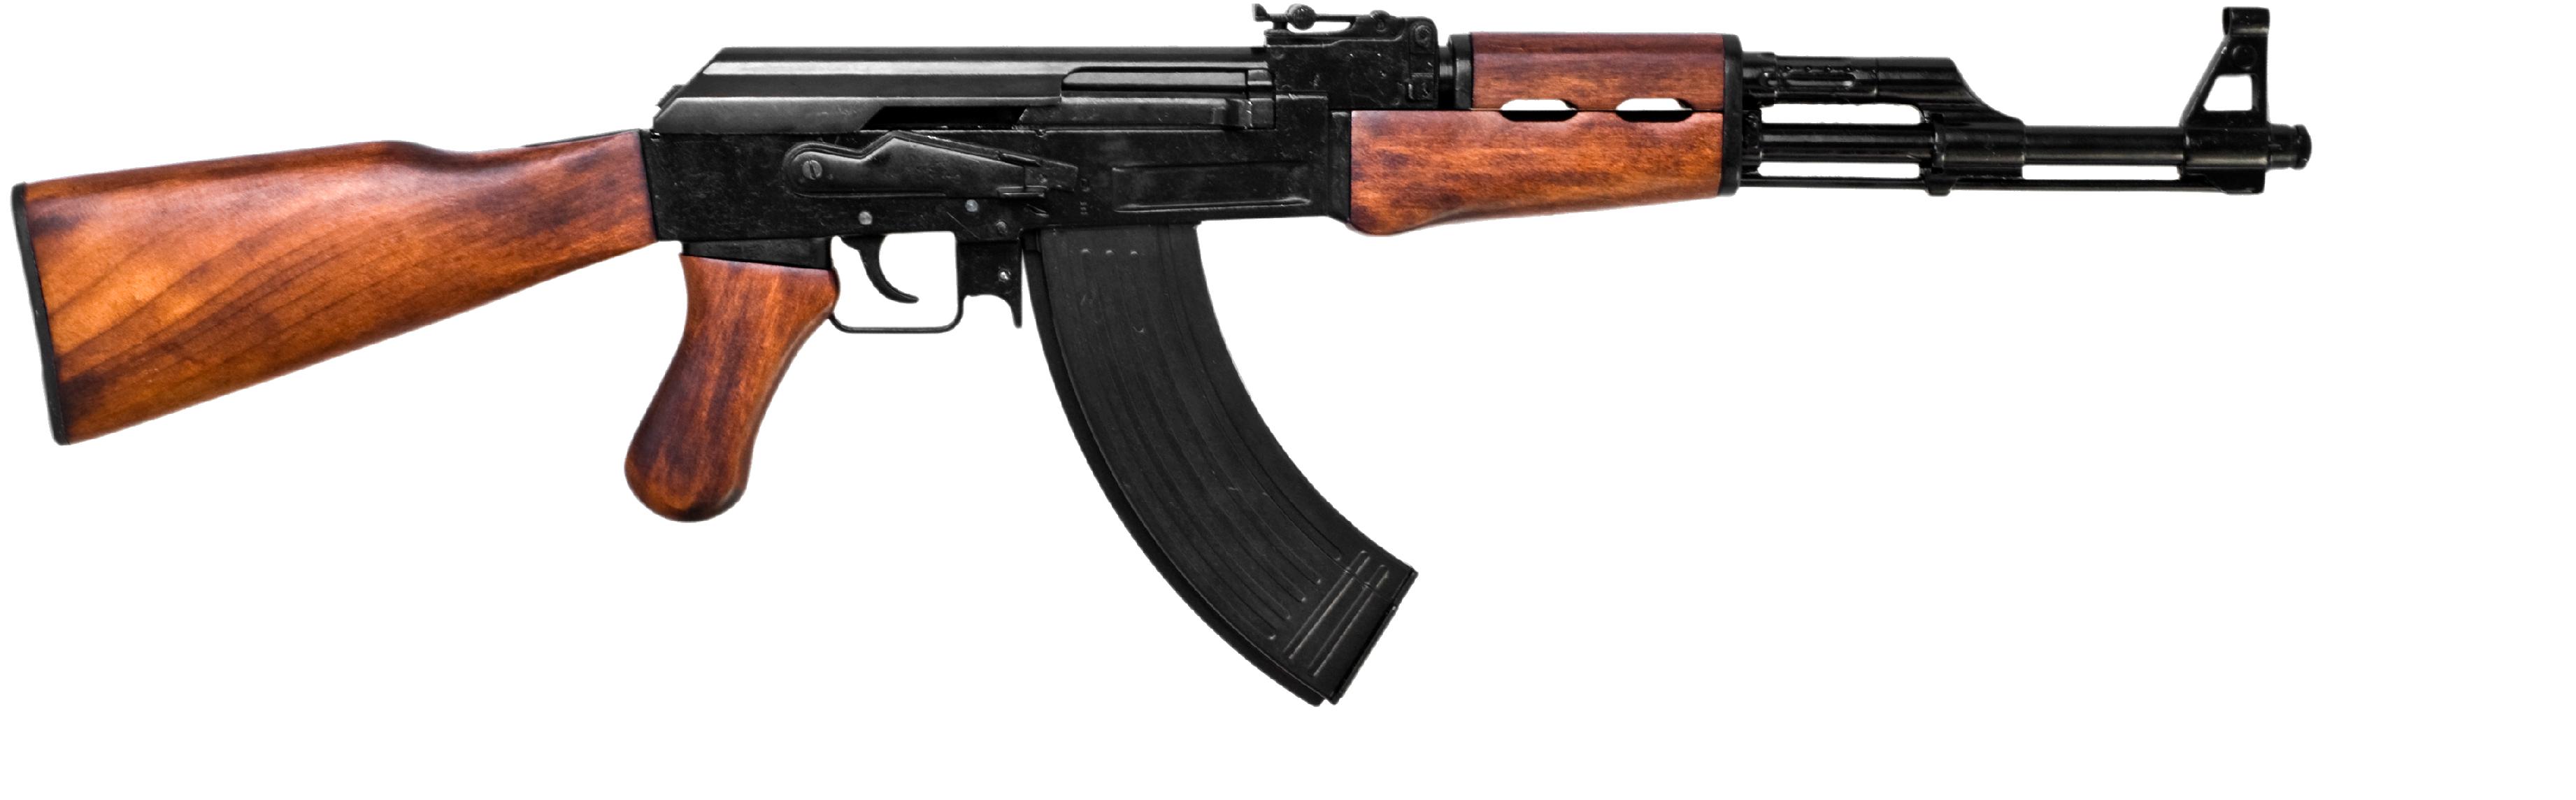 AK 47 Clipart PNG.